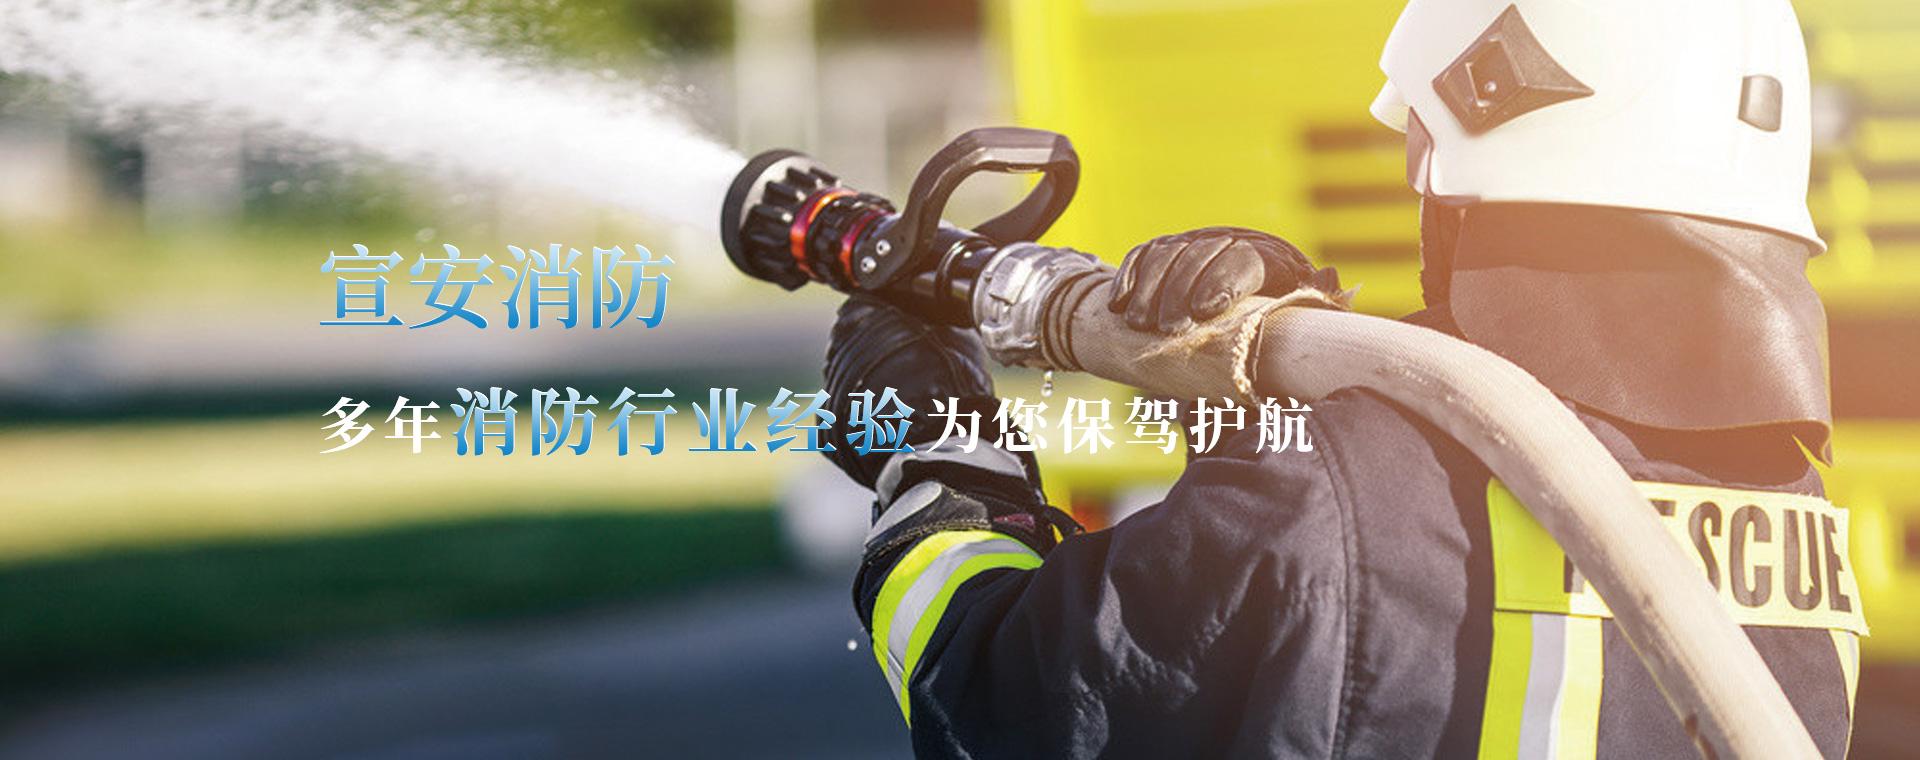 内蒙古消防验收